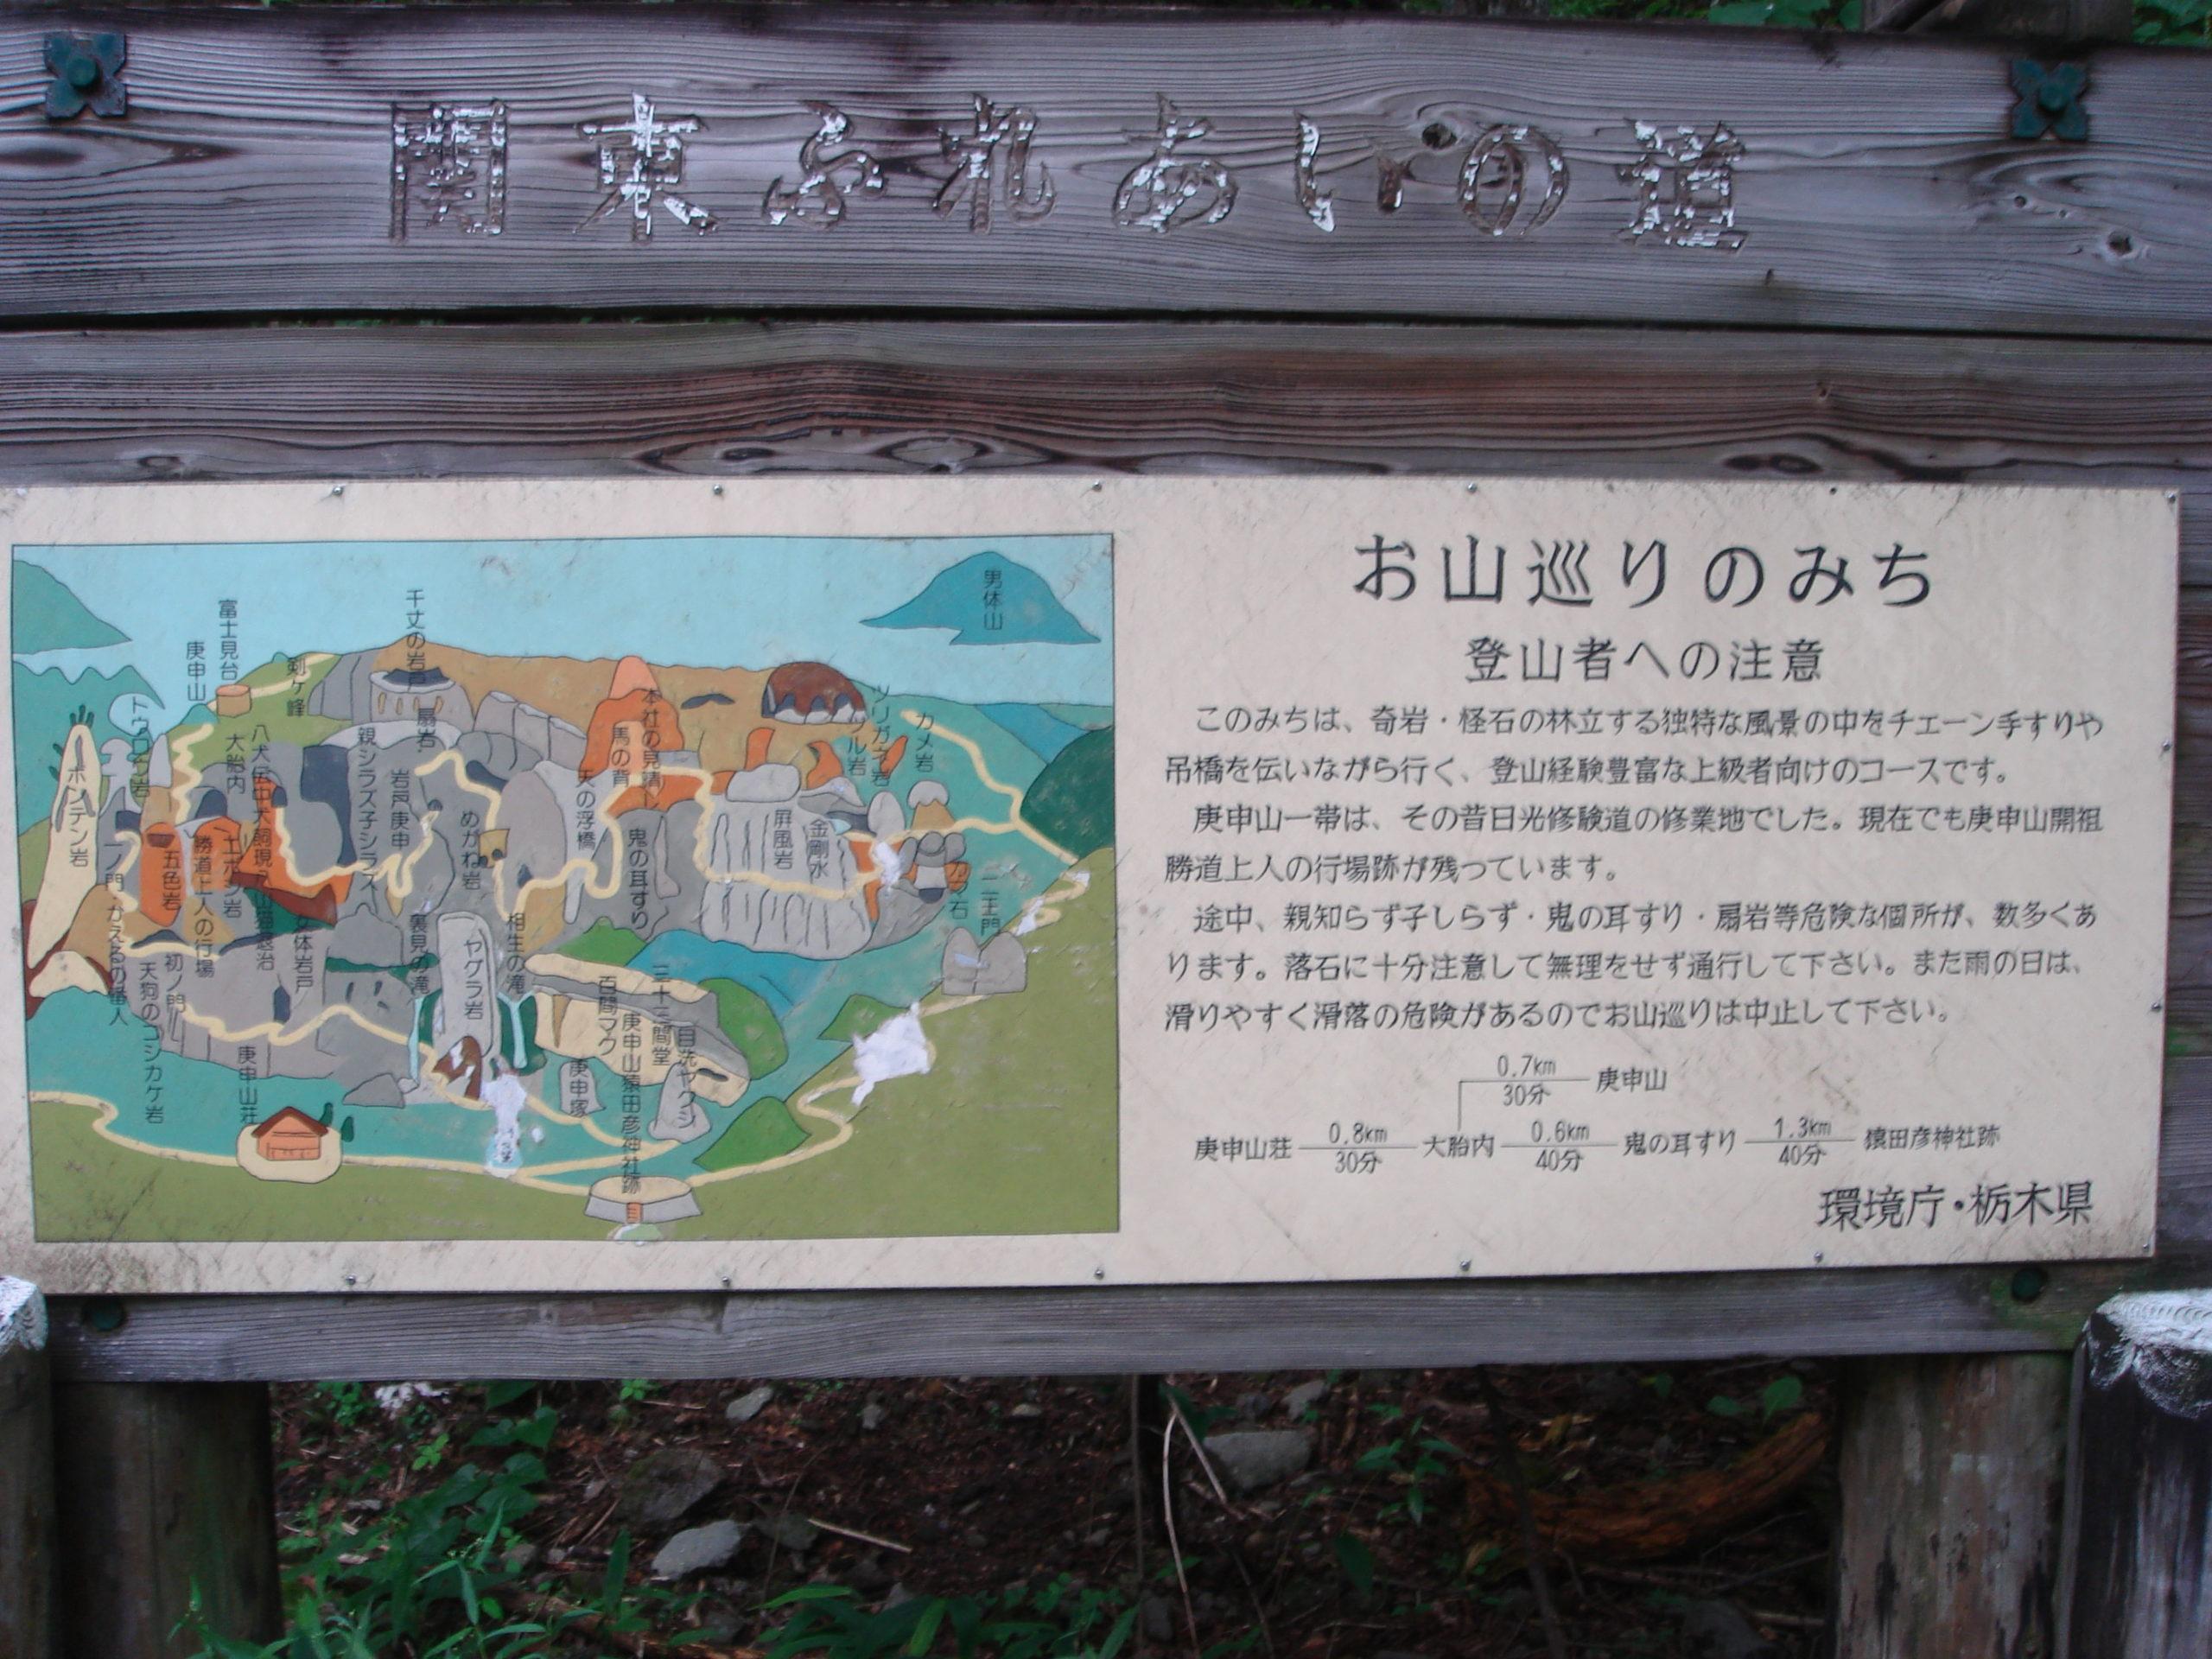 庚申山 一の鳥居〜庚申山荘